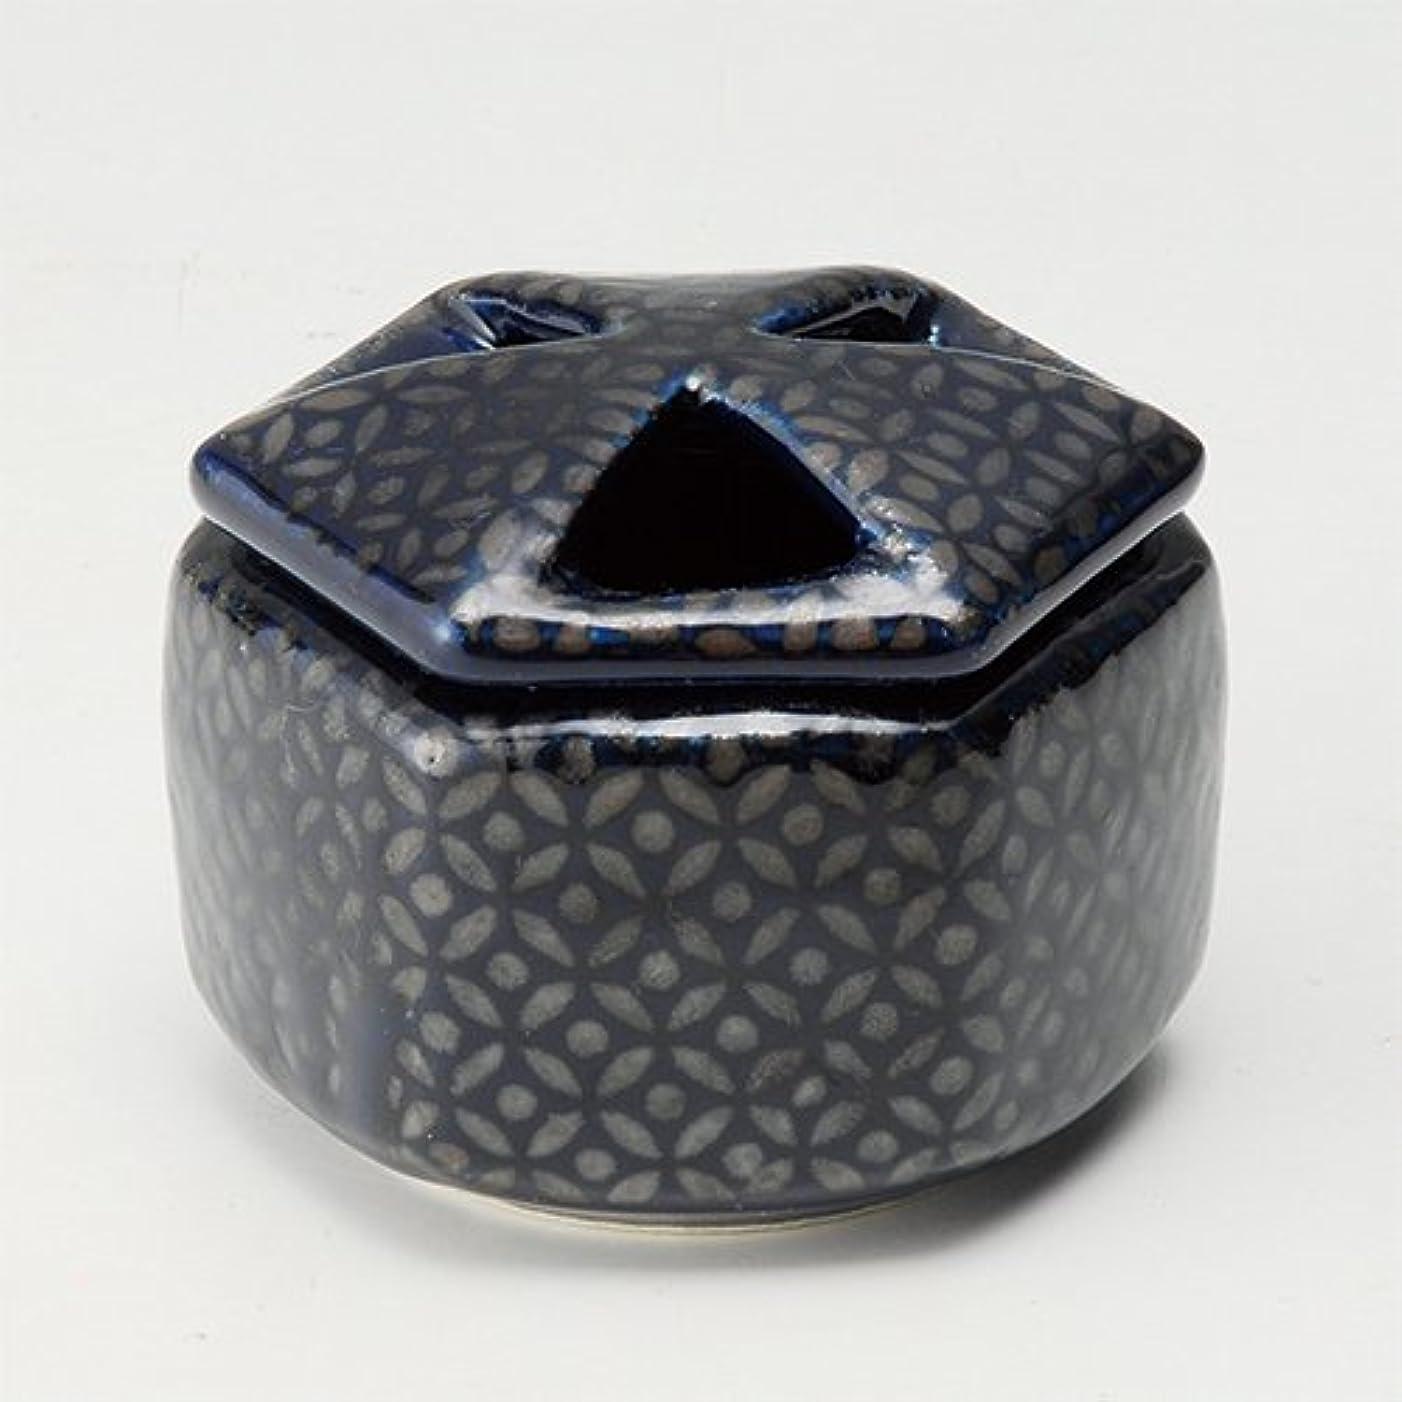 料理をするかご相対性理論香炉 瑠璃七宝 六角香炉 [R8.8xH6.5cm] プレゼント ギフト 和食器 かわいい インテリア